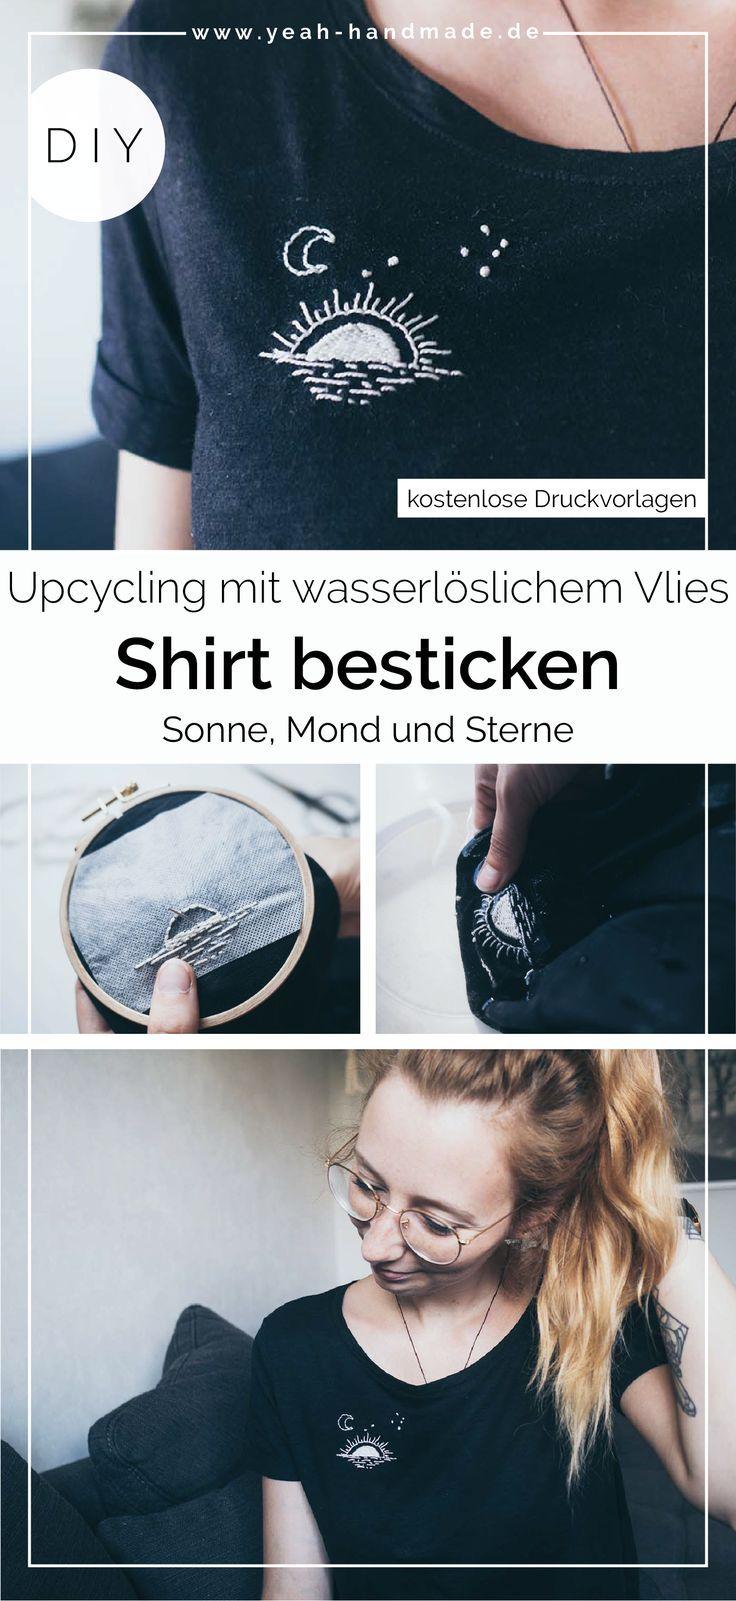 Photo of DIY Upcycling: Hemd mit Sonne, Mond und Sternen sticken • Ja, handgemacht